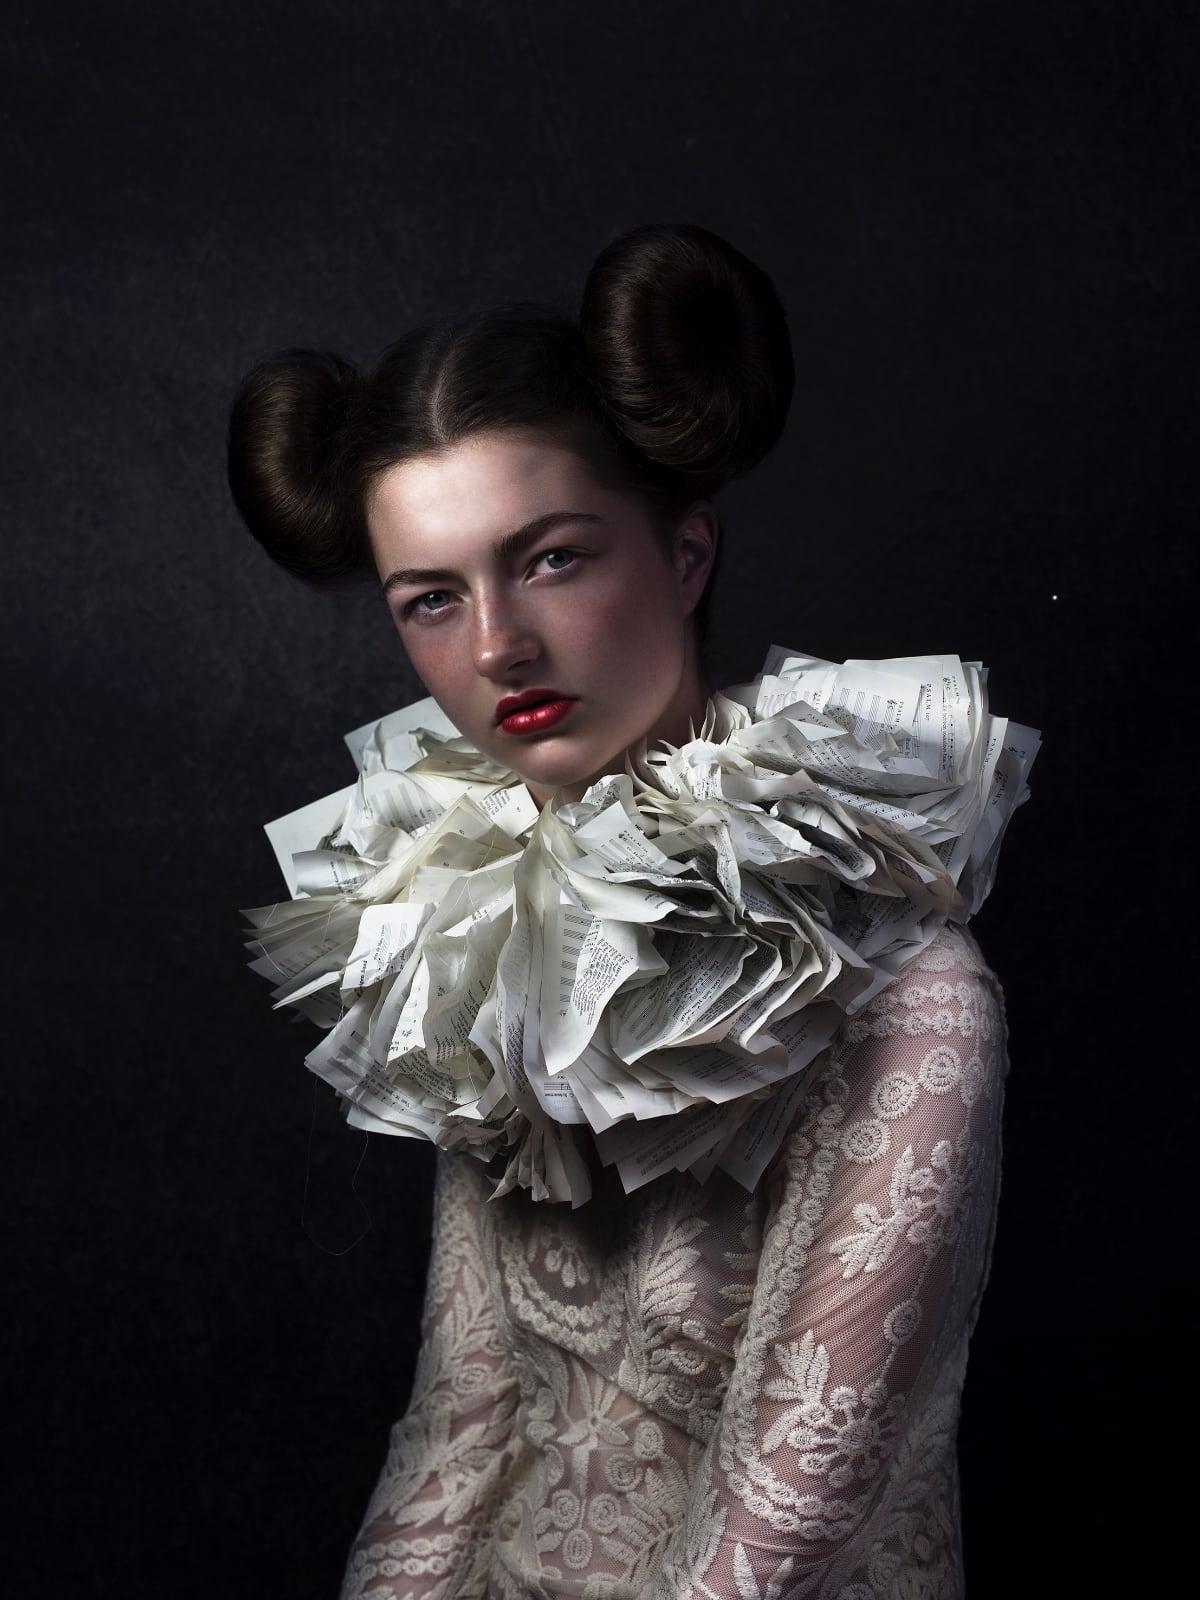 foto: © Jenny Boot - Delilah, portret van meisje met witte kraag van kassabonnetjes